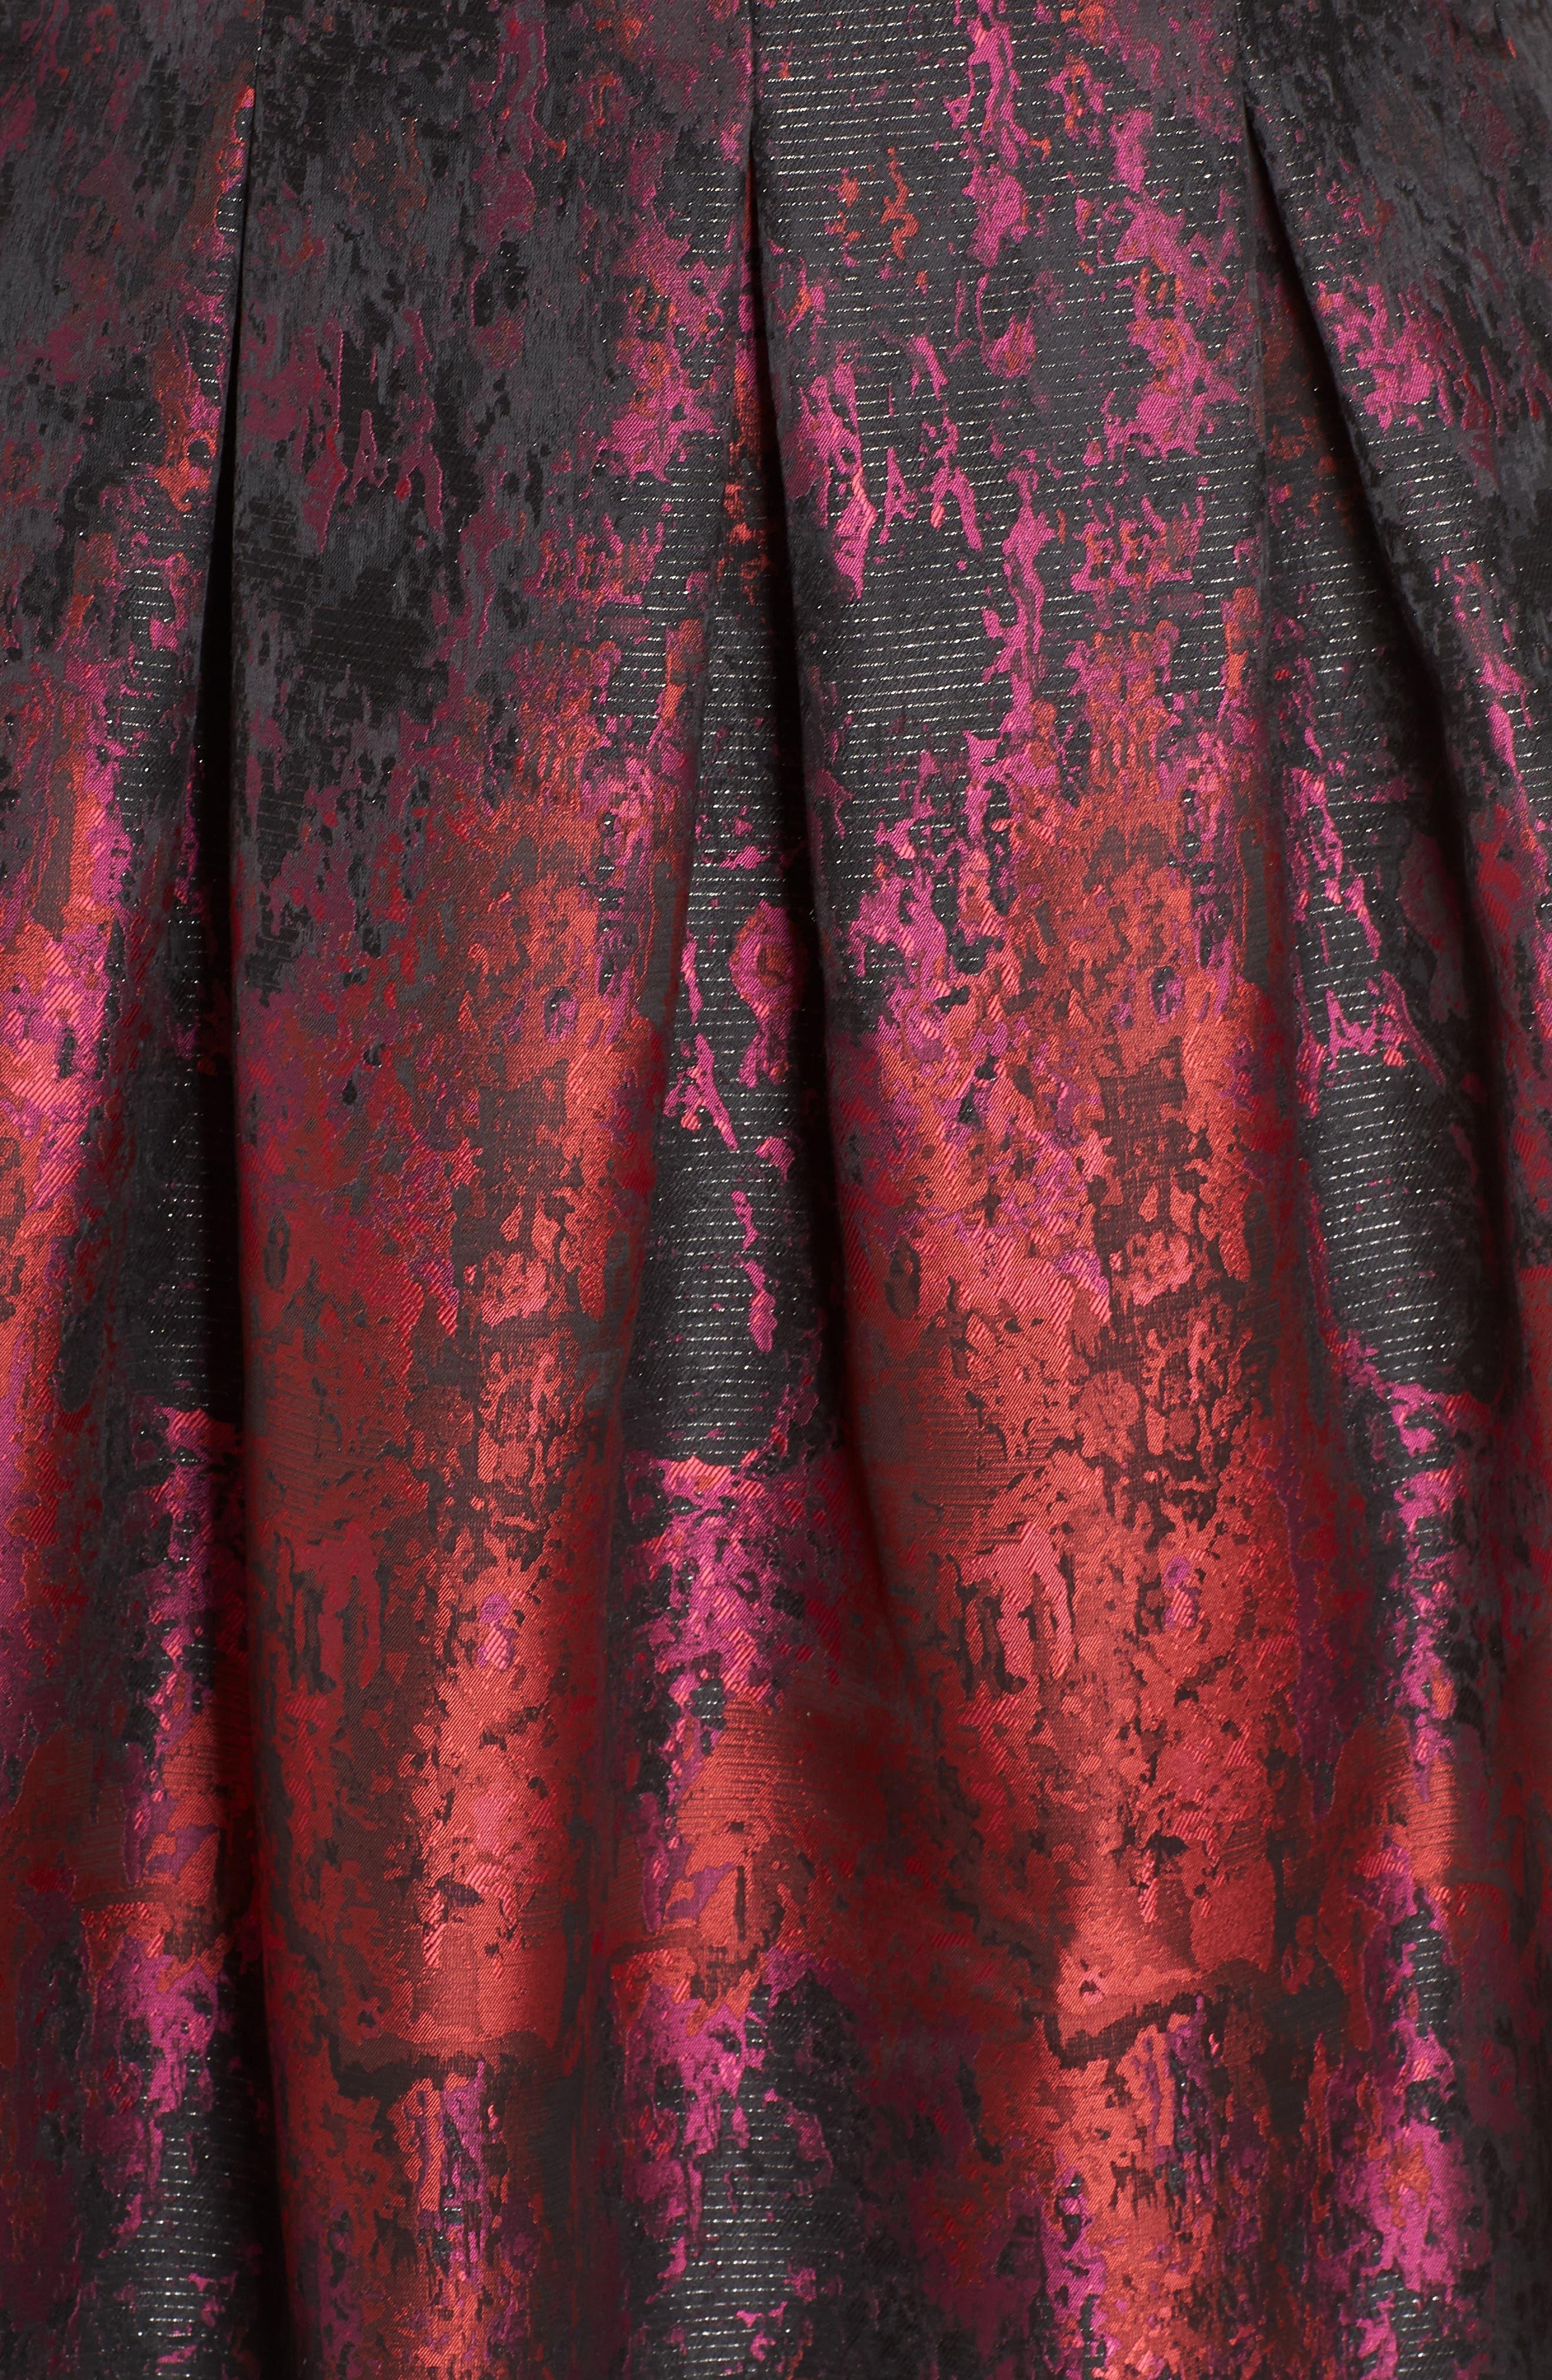 Sleeveless Jacquard Fit & Flare Dress,                             Alternate thumbnail 6, color,                             PINK MULTI